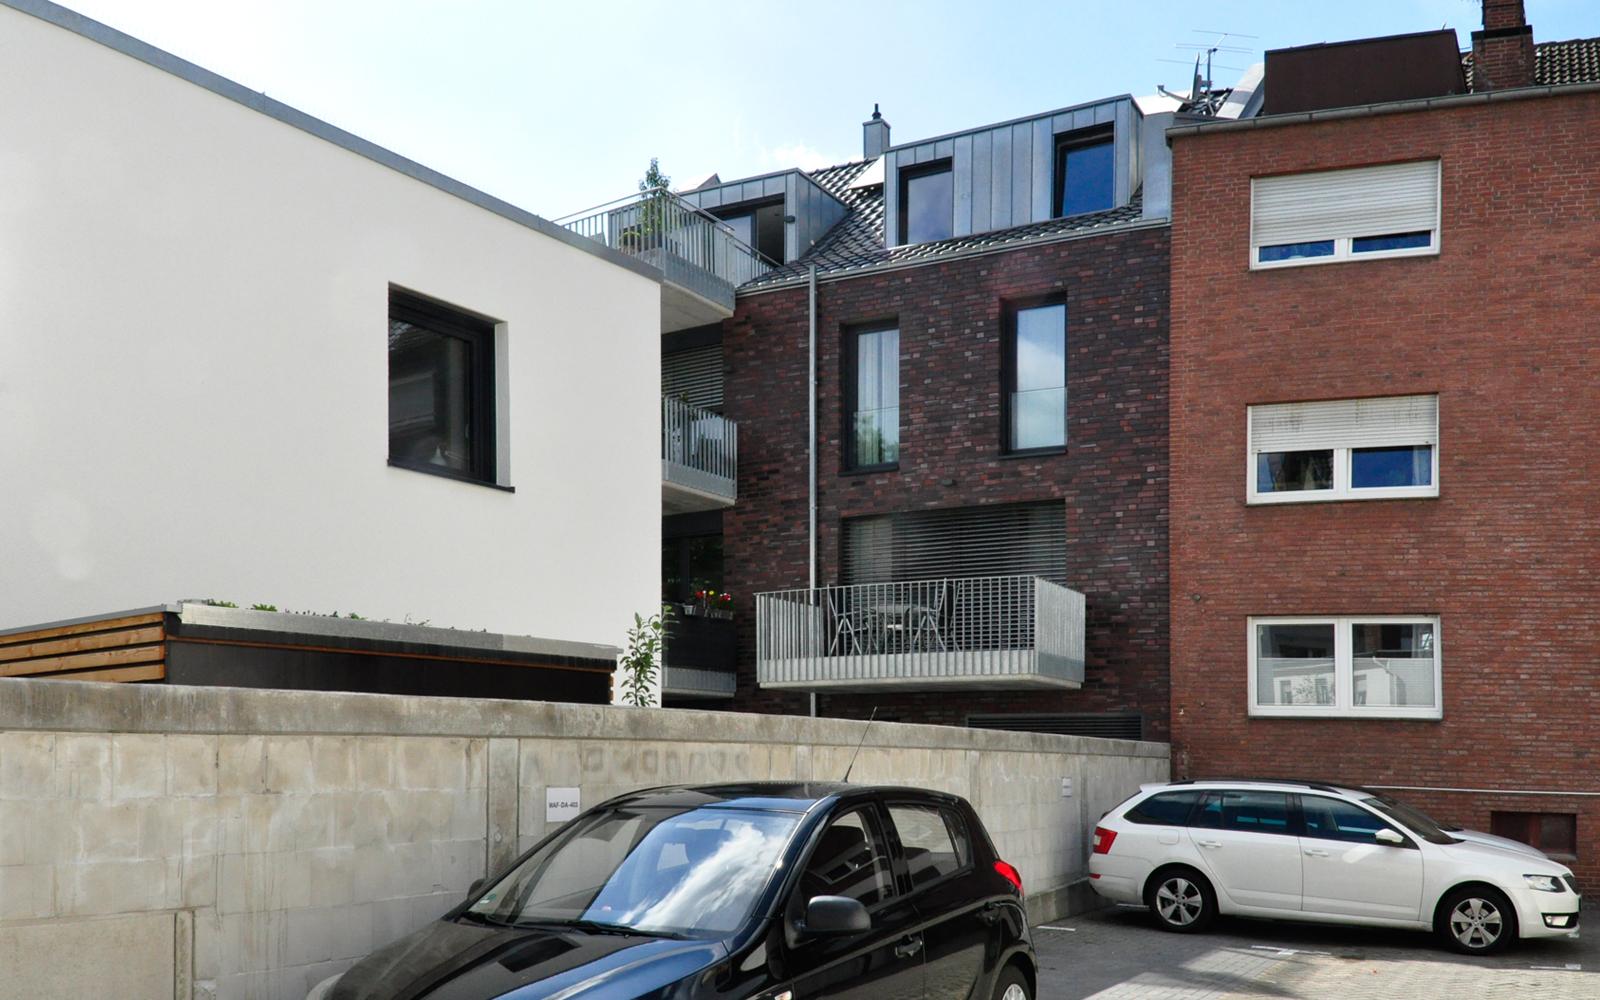 GER08_SteinwegClausArchitekten_Bauluecke_Mehrfamilienhaus_Tiefgarage_Gaube00004